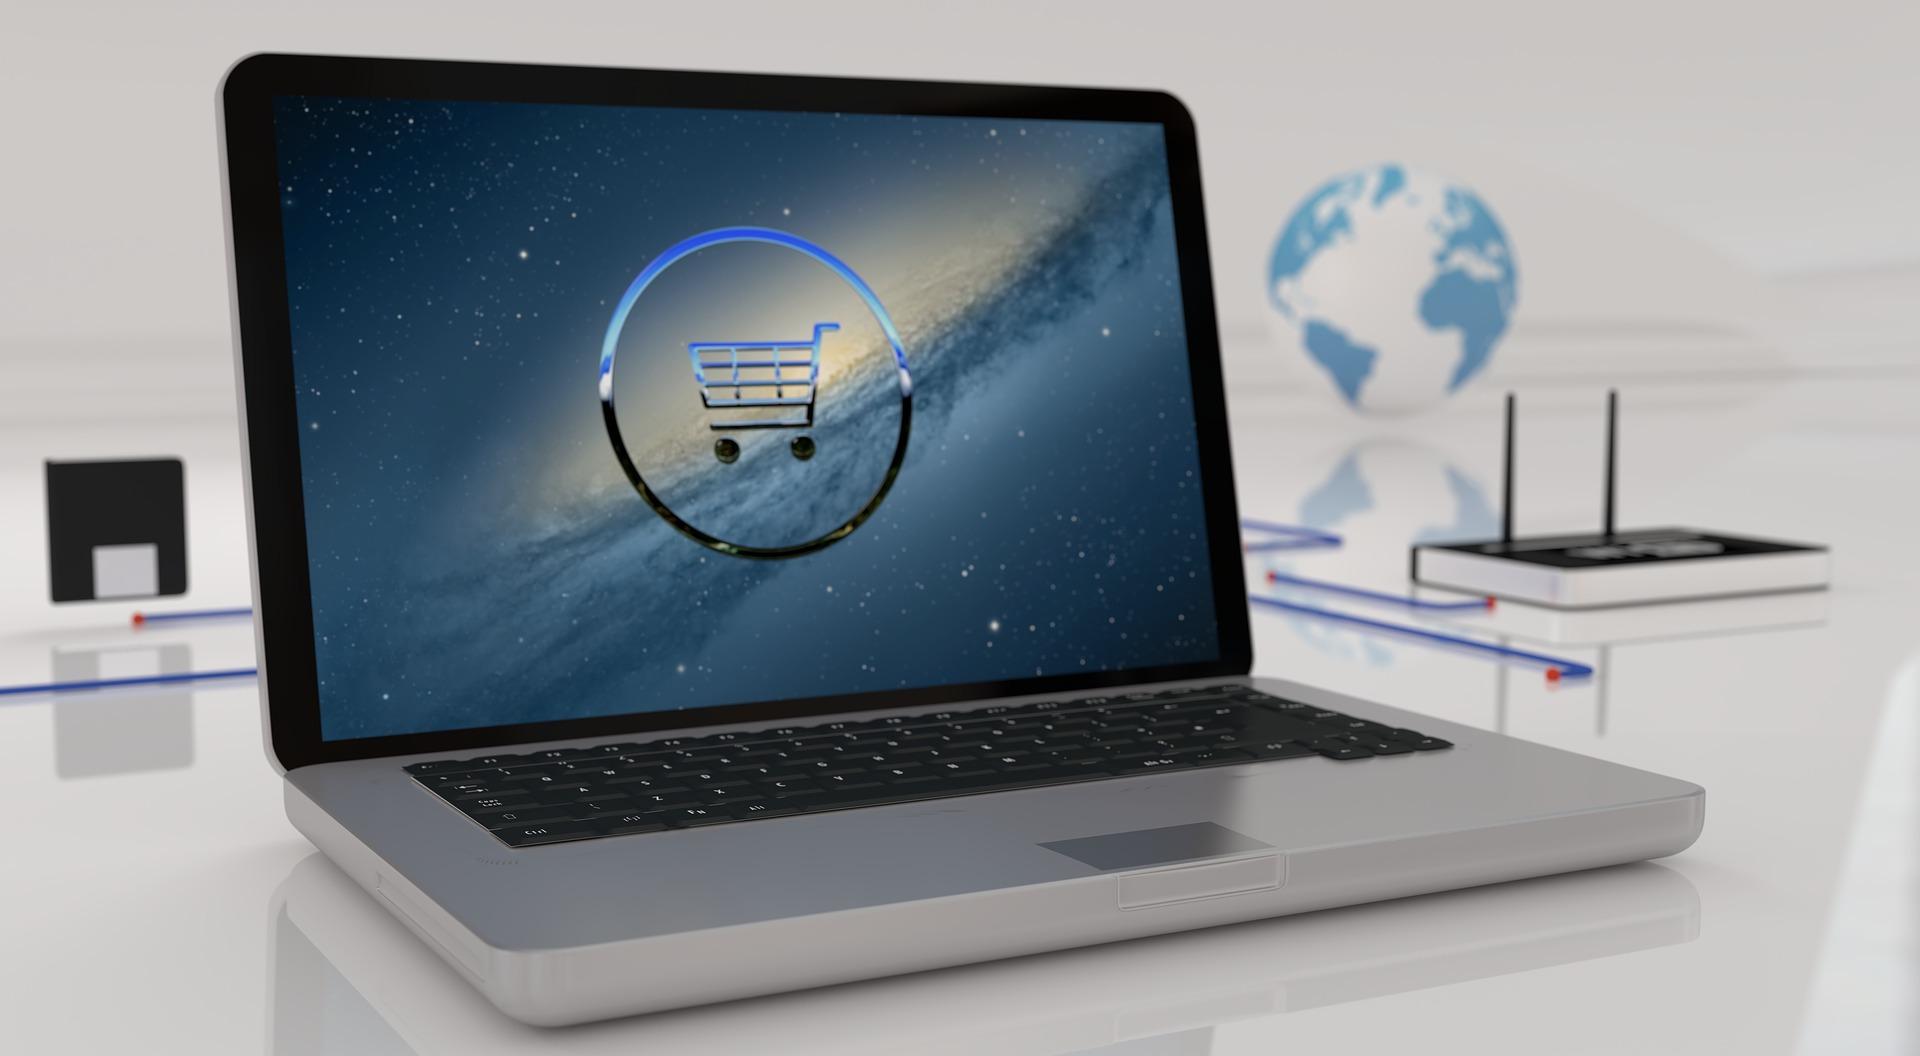 WEBeSHOP-Pubblicita-Spot-Promo-Web-Online-Shop-Shopping-Commerce-Cisa-Servizi